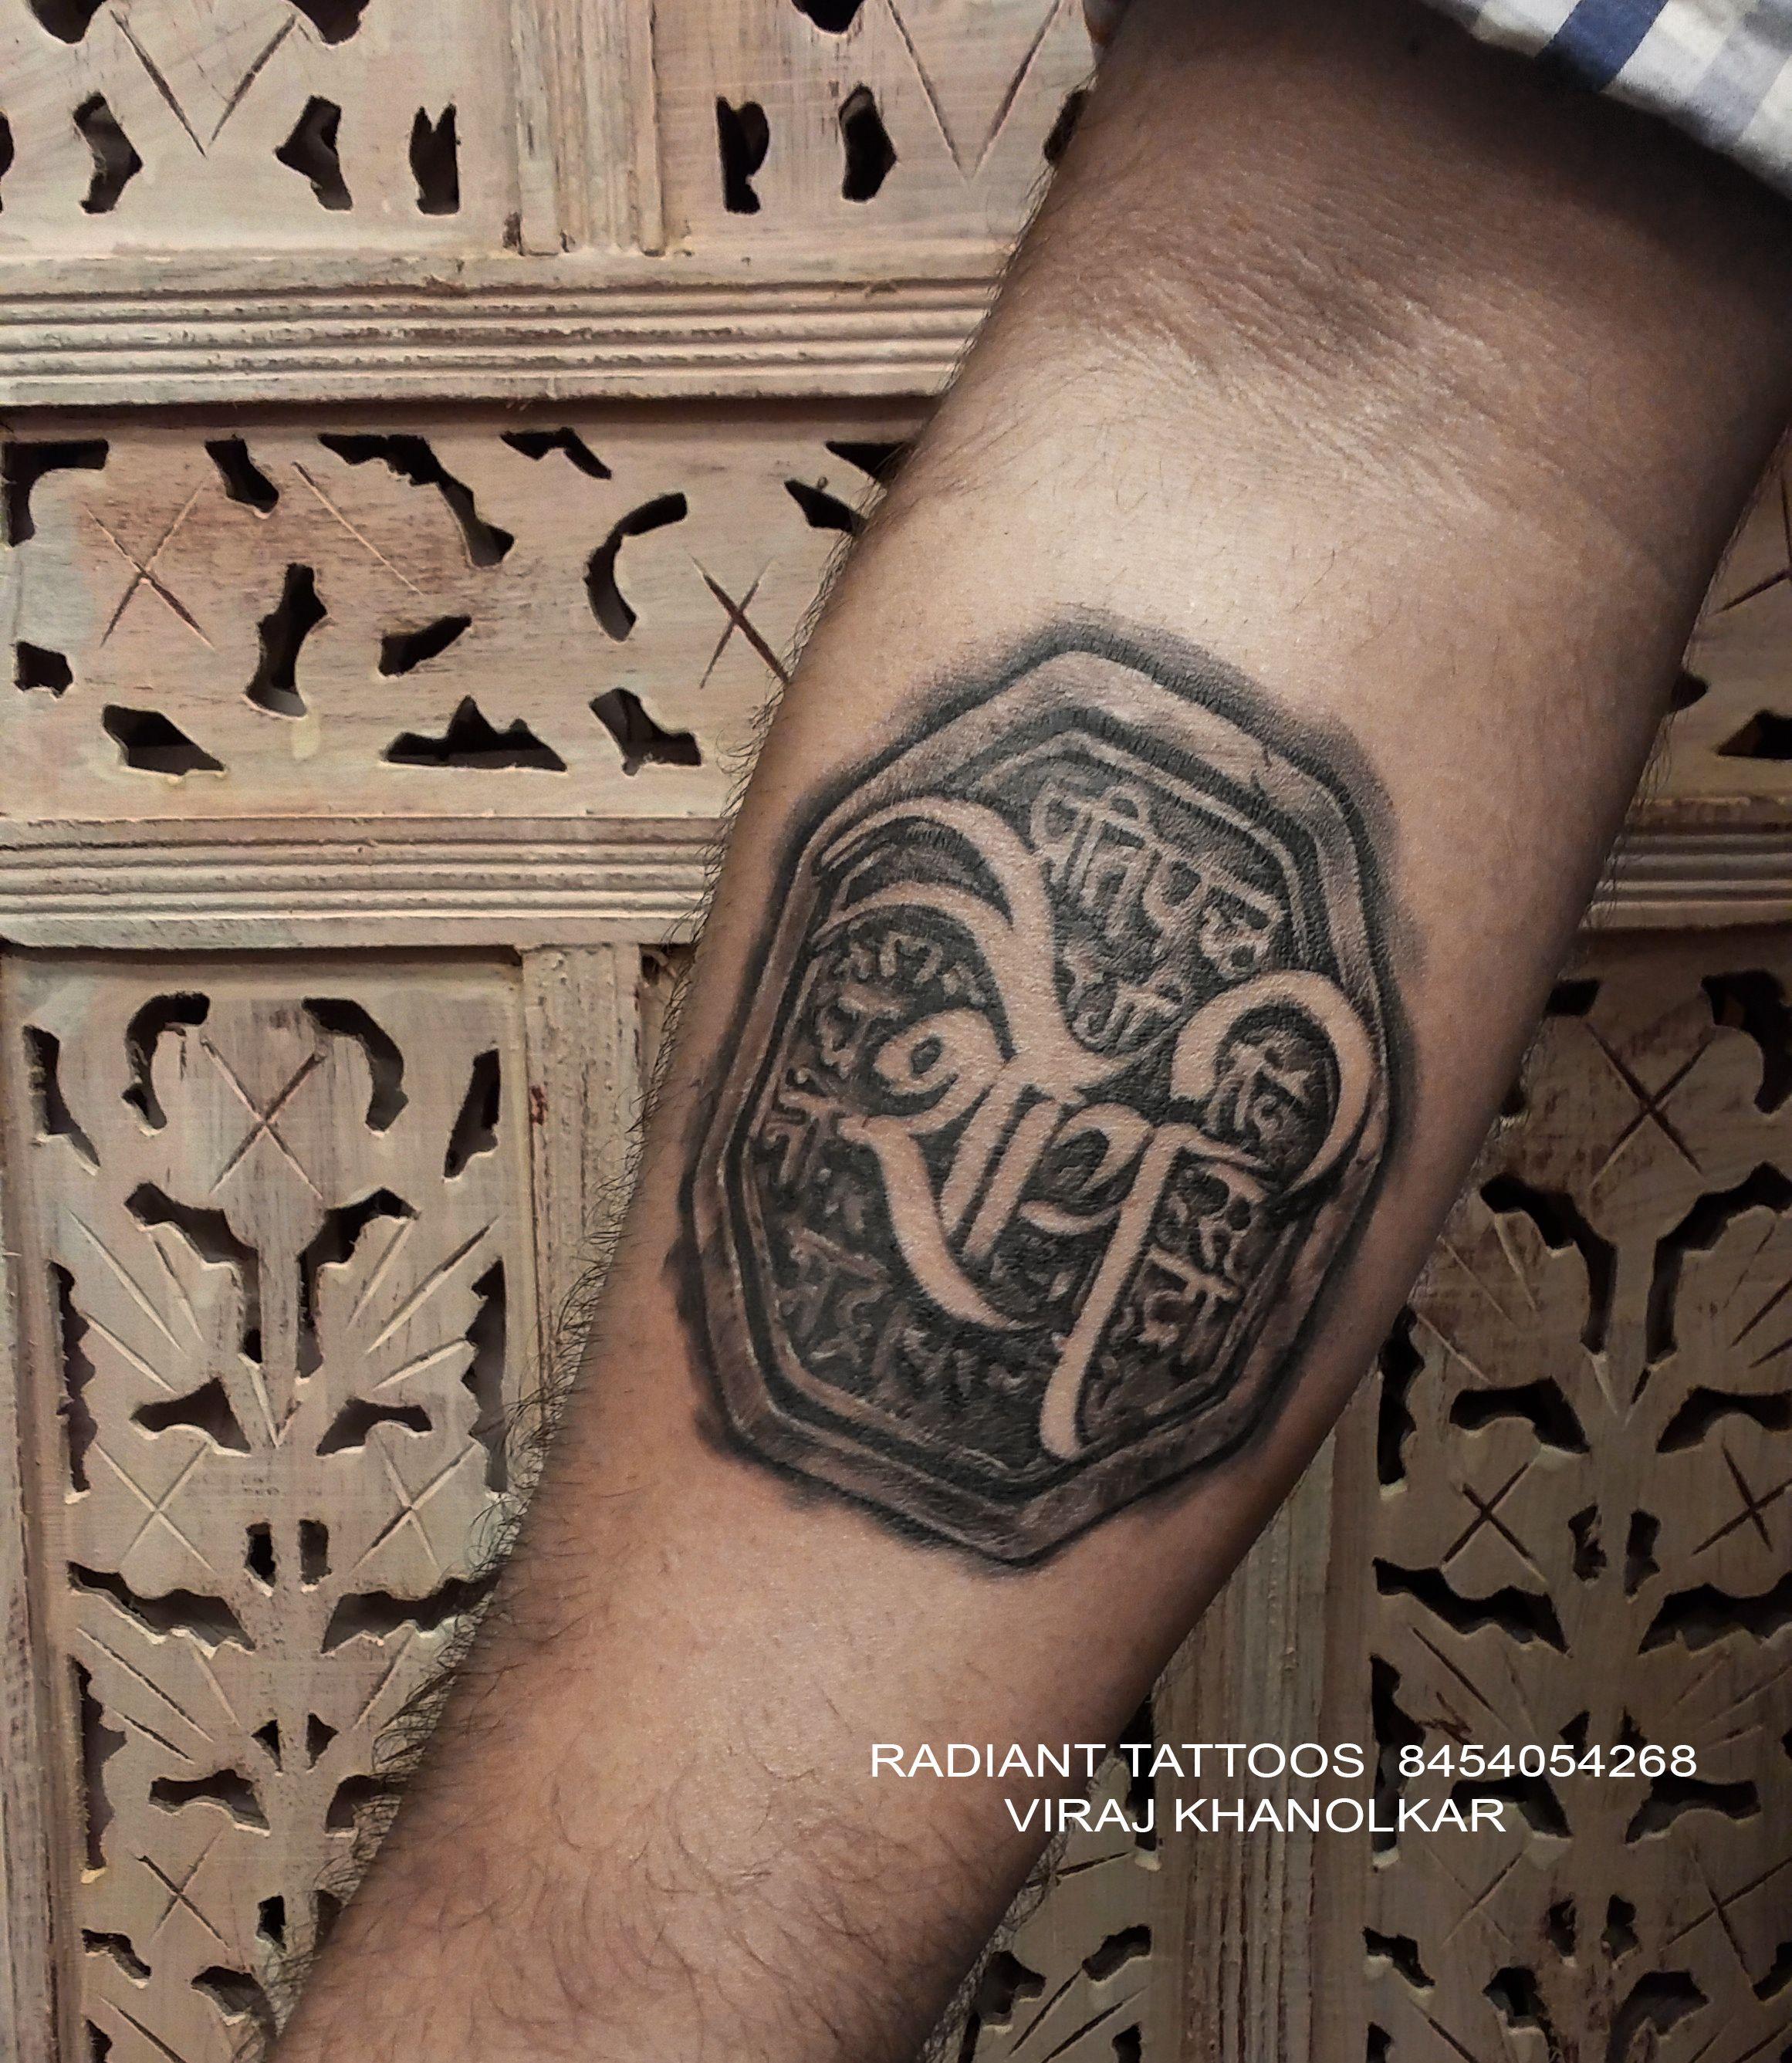 Pin By Pratik Pal On Indian Tattoo In 2020 Indian Tattoo Tattoos Body Art Tattoos